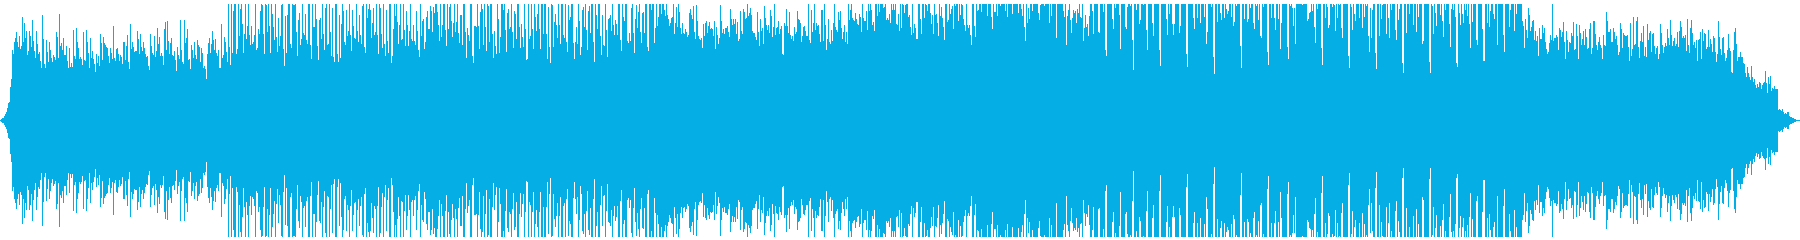 アコギがノスタルジックなトロピカルハウスの再生済みの波形